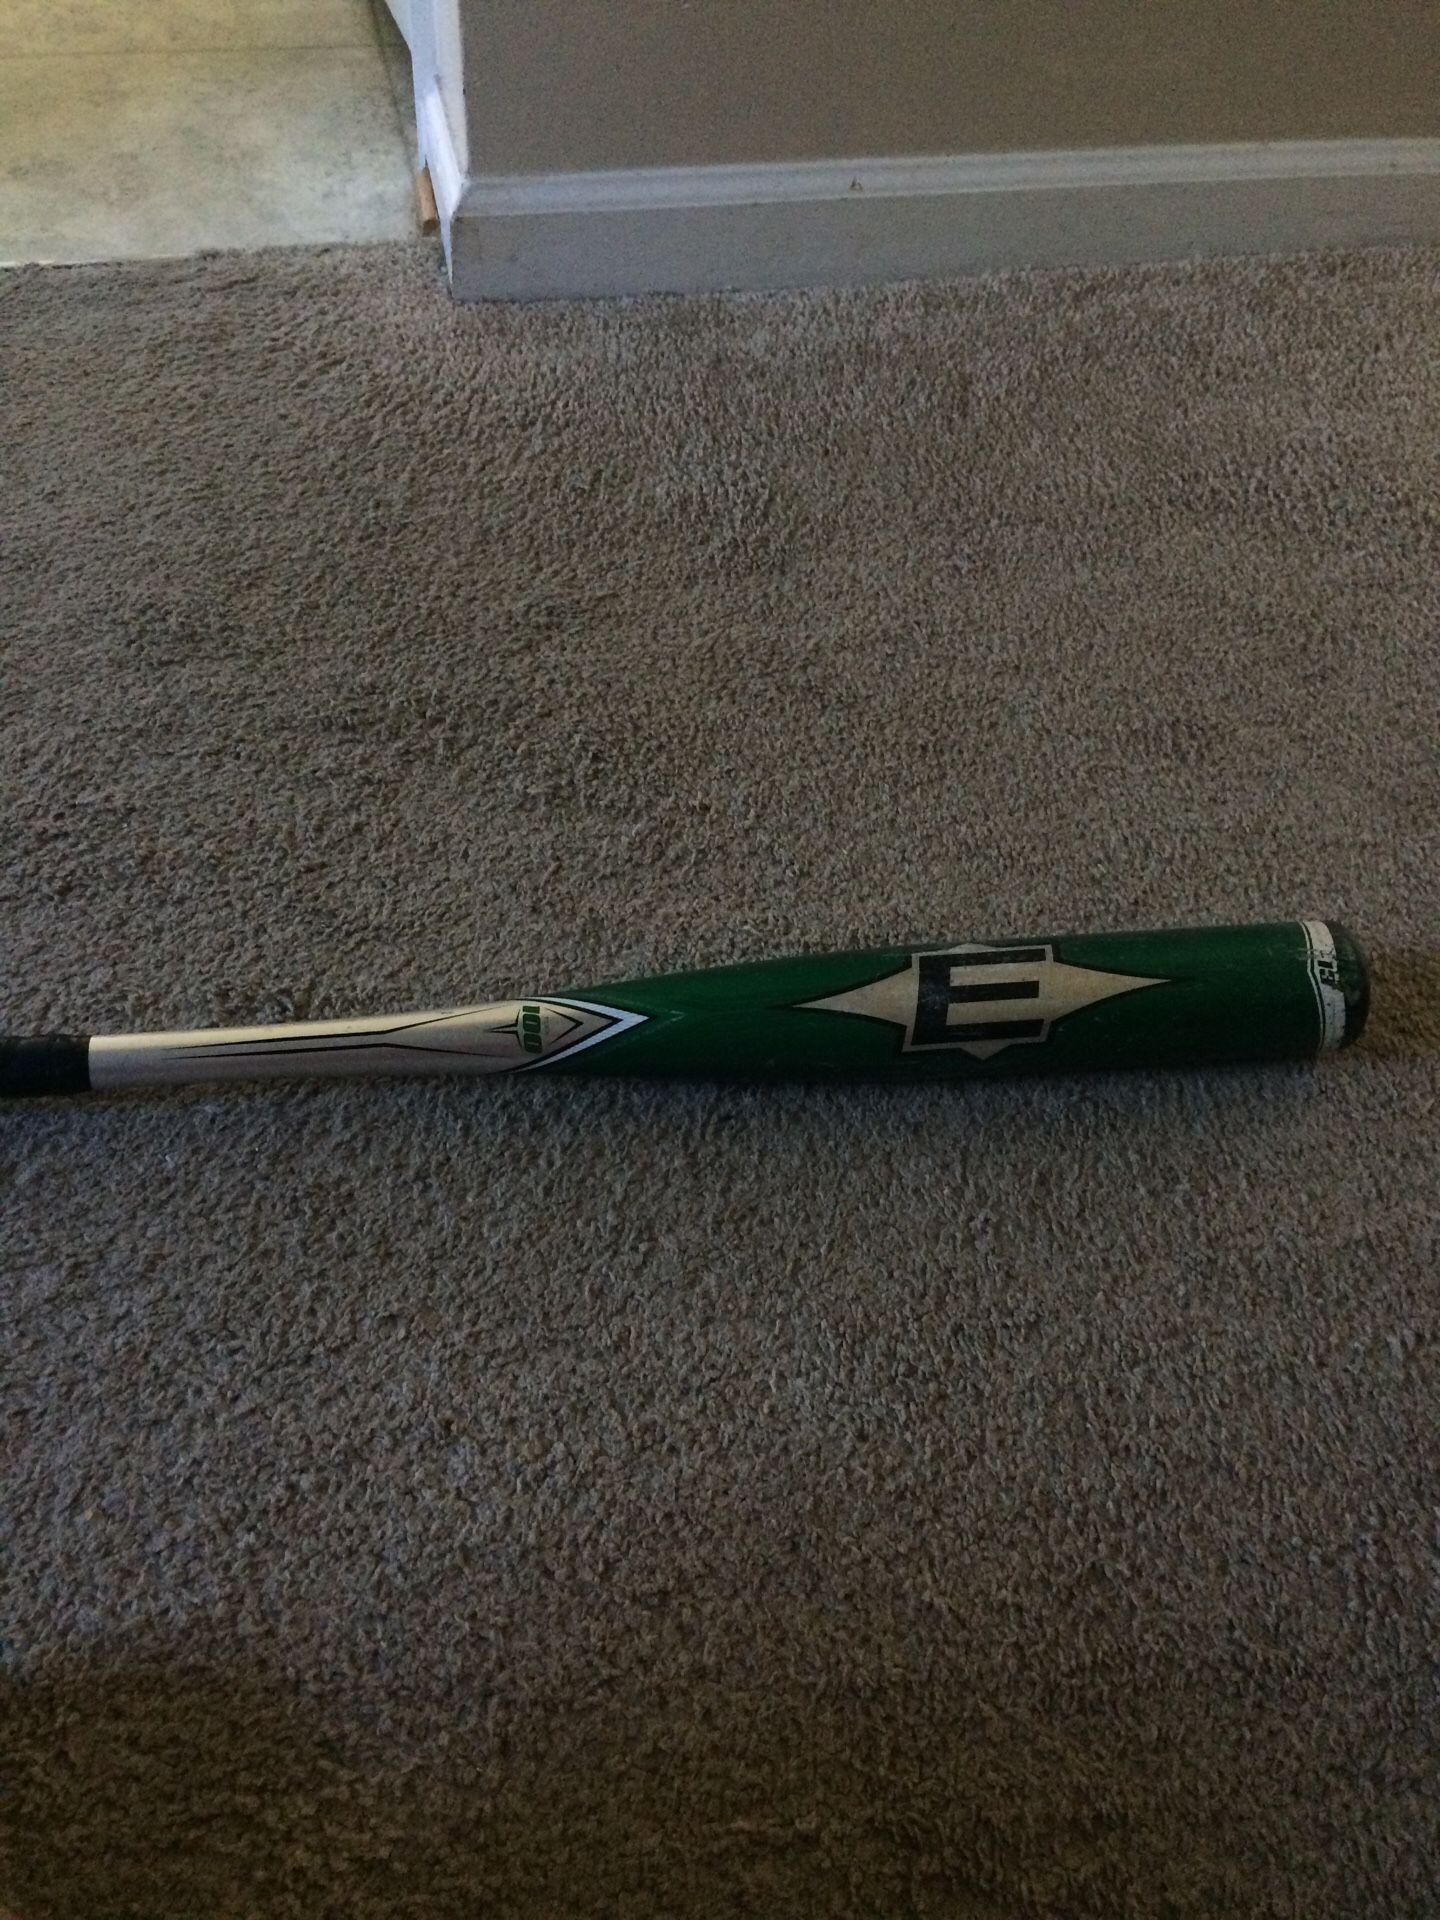 Easton baseball bat